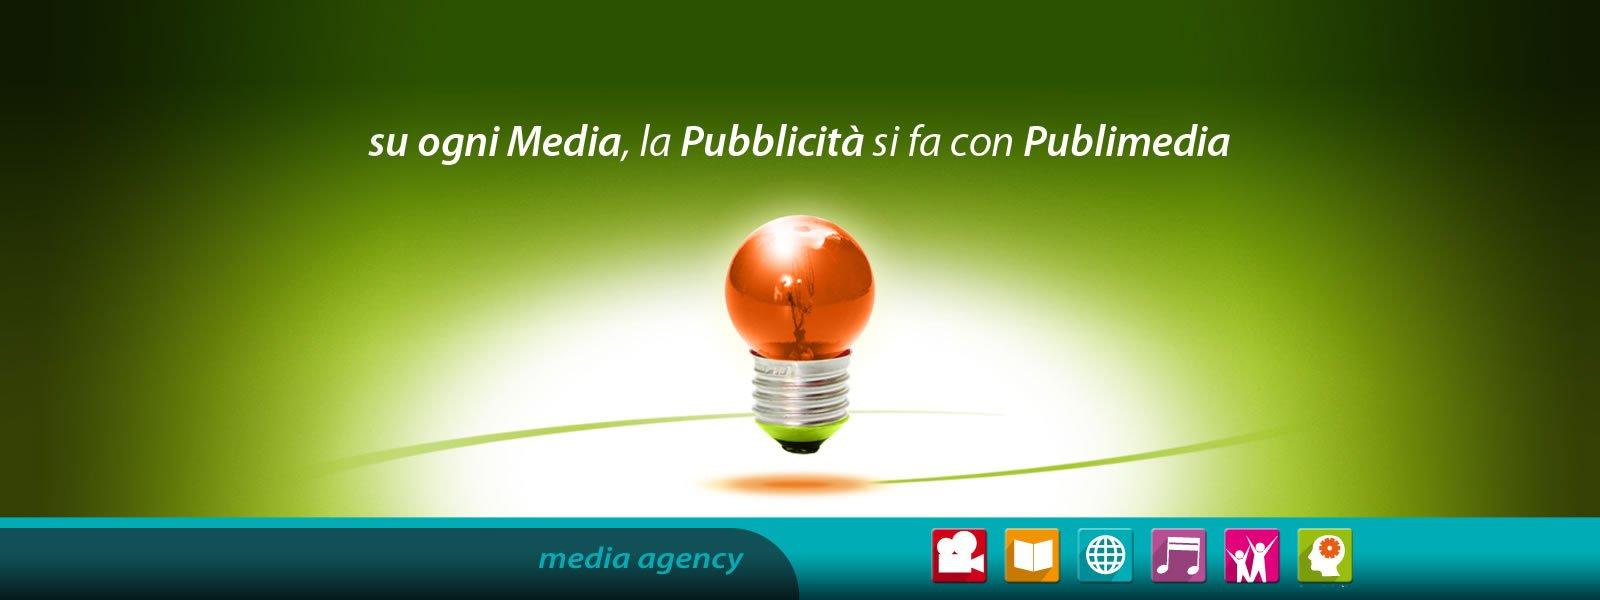 Publimedia Italia agenzia e concessionaria di pubblicità